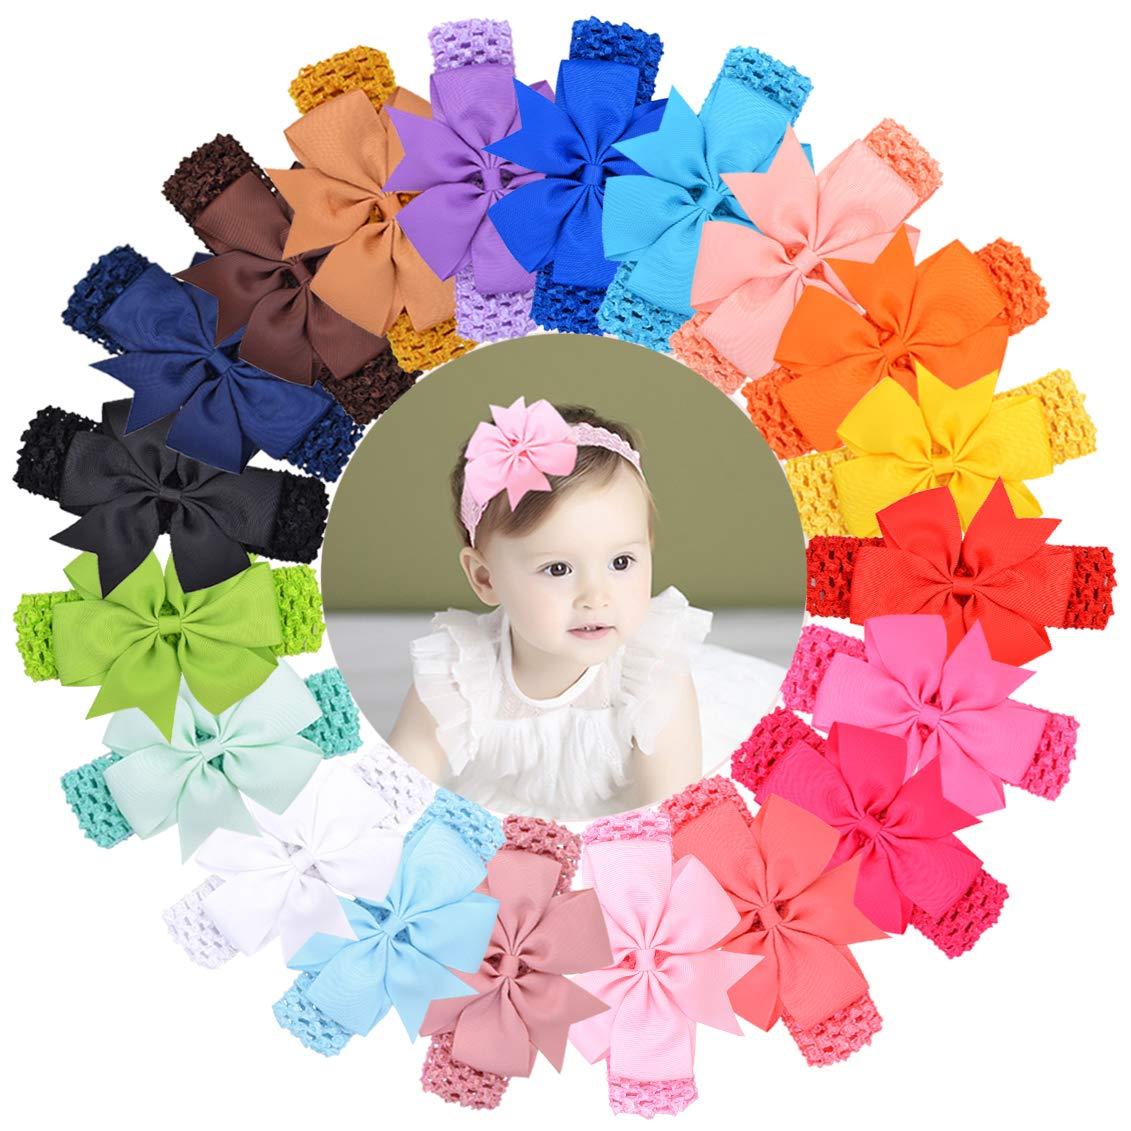 20pcs Baby Girls Purchase Headband Pinwheel Bows Hair New sales Grosgrain Bands Rib